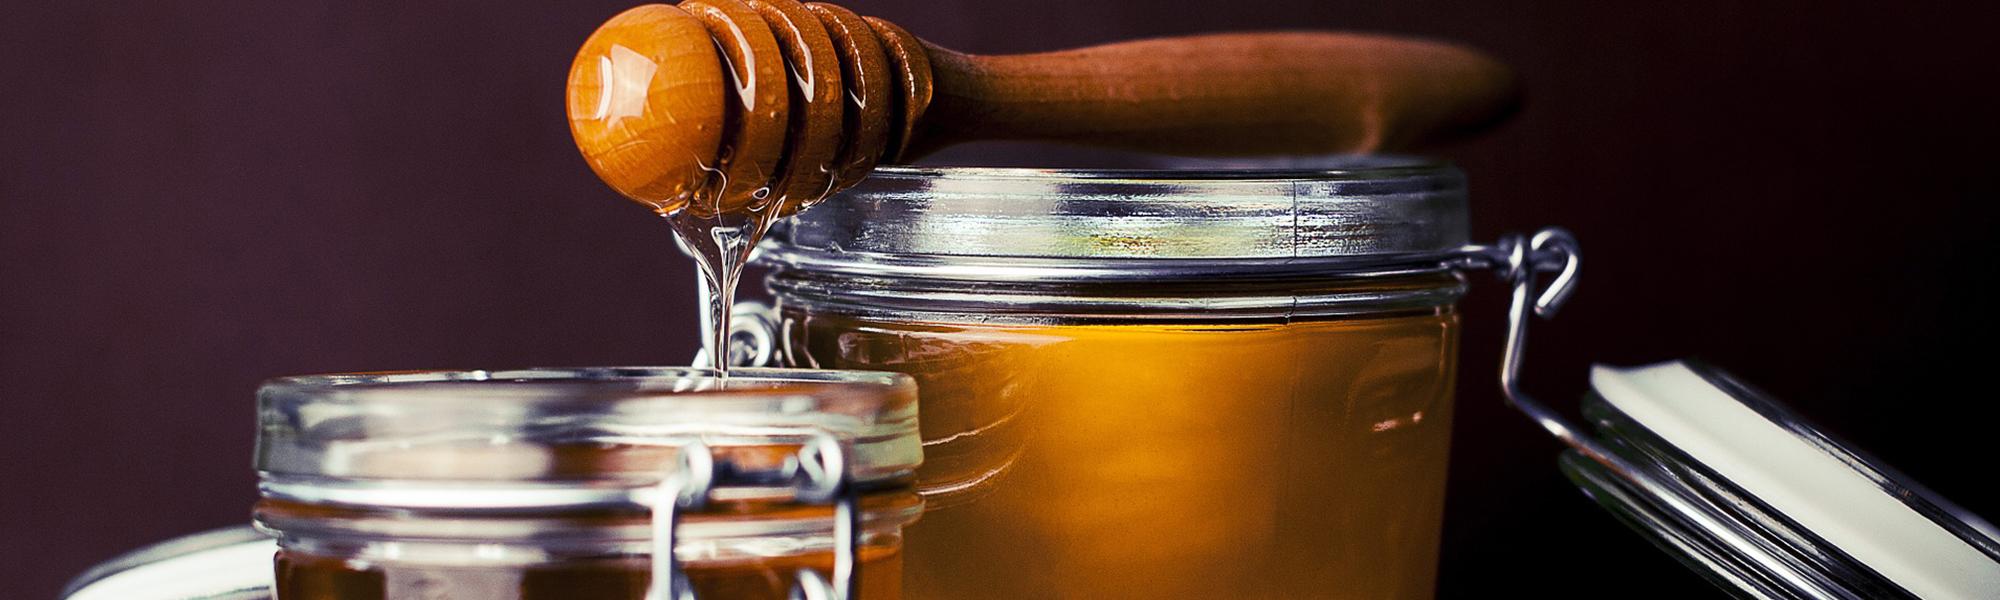 La deumidificazione del miele